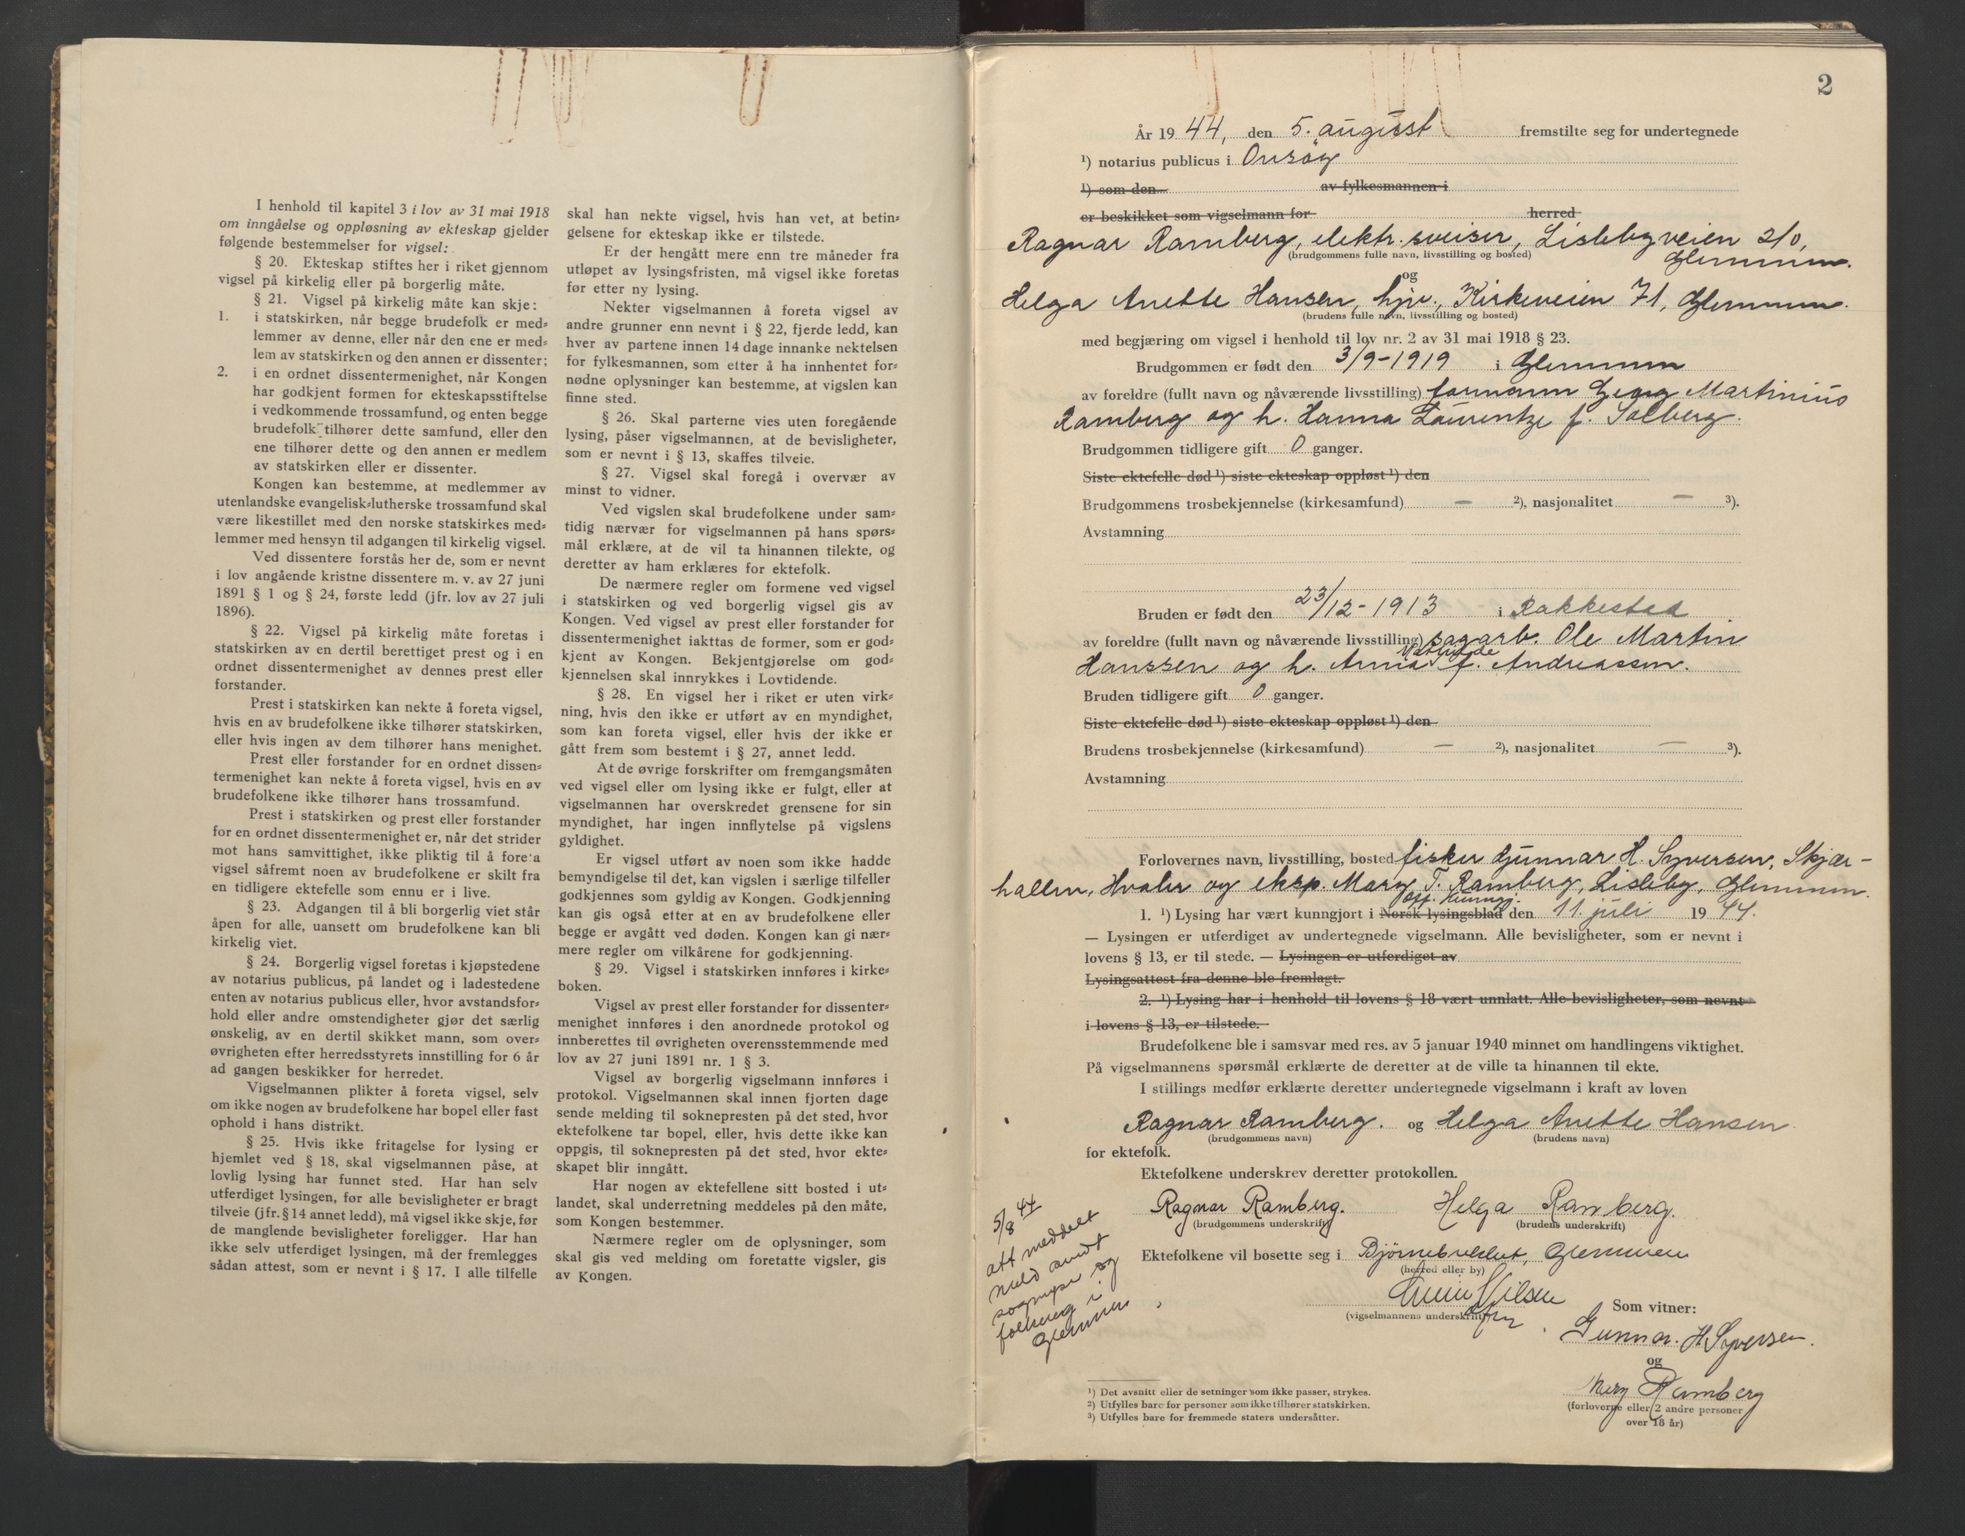 SAO, Onsøy sorenskriveri, L/La/L0005: Vigselsbok, 1944-1946, s. 2